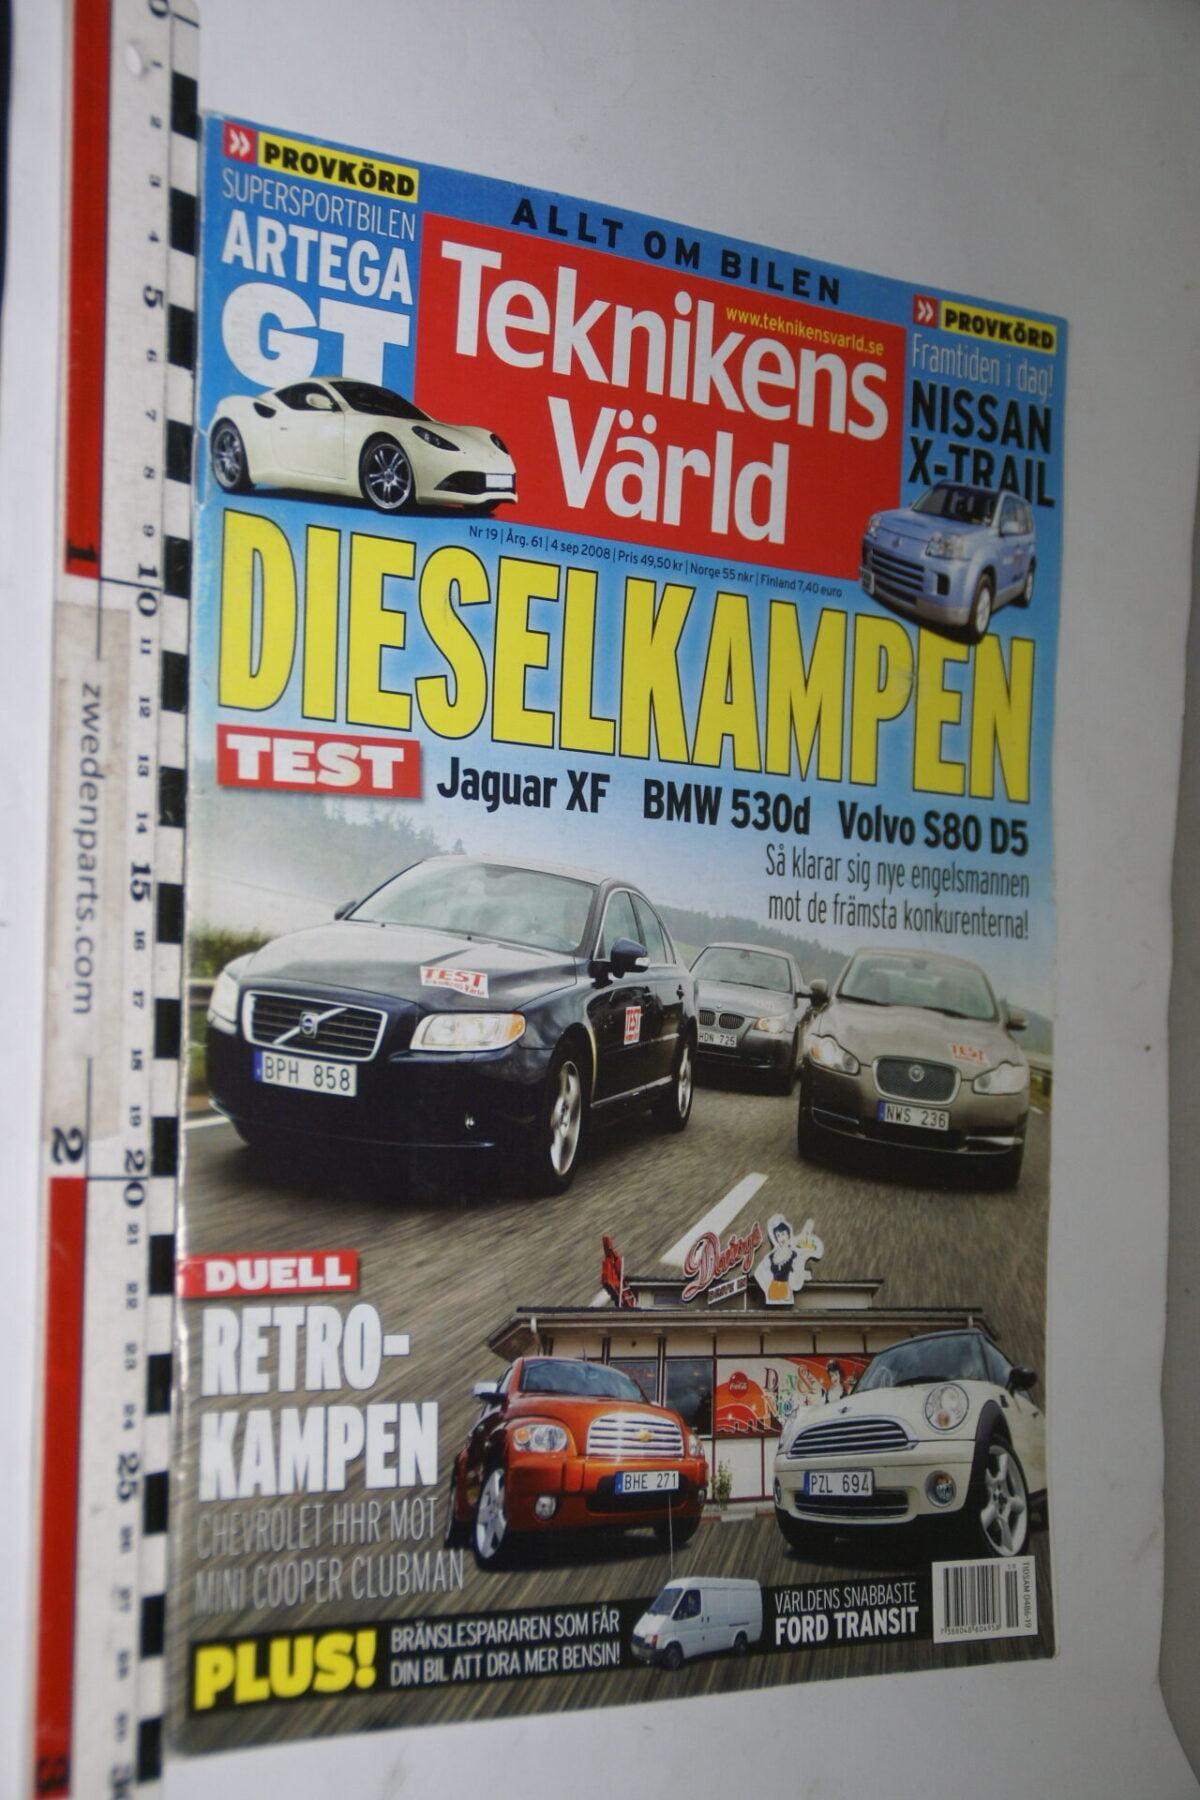 DSC08081 tijdschrift Teknikens Värld 4 september 2008 met Volvo S80, Svenska-fbd2745f